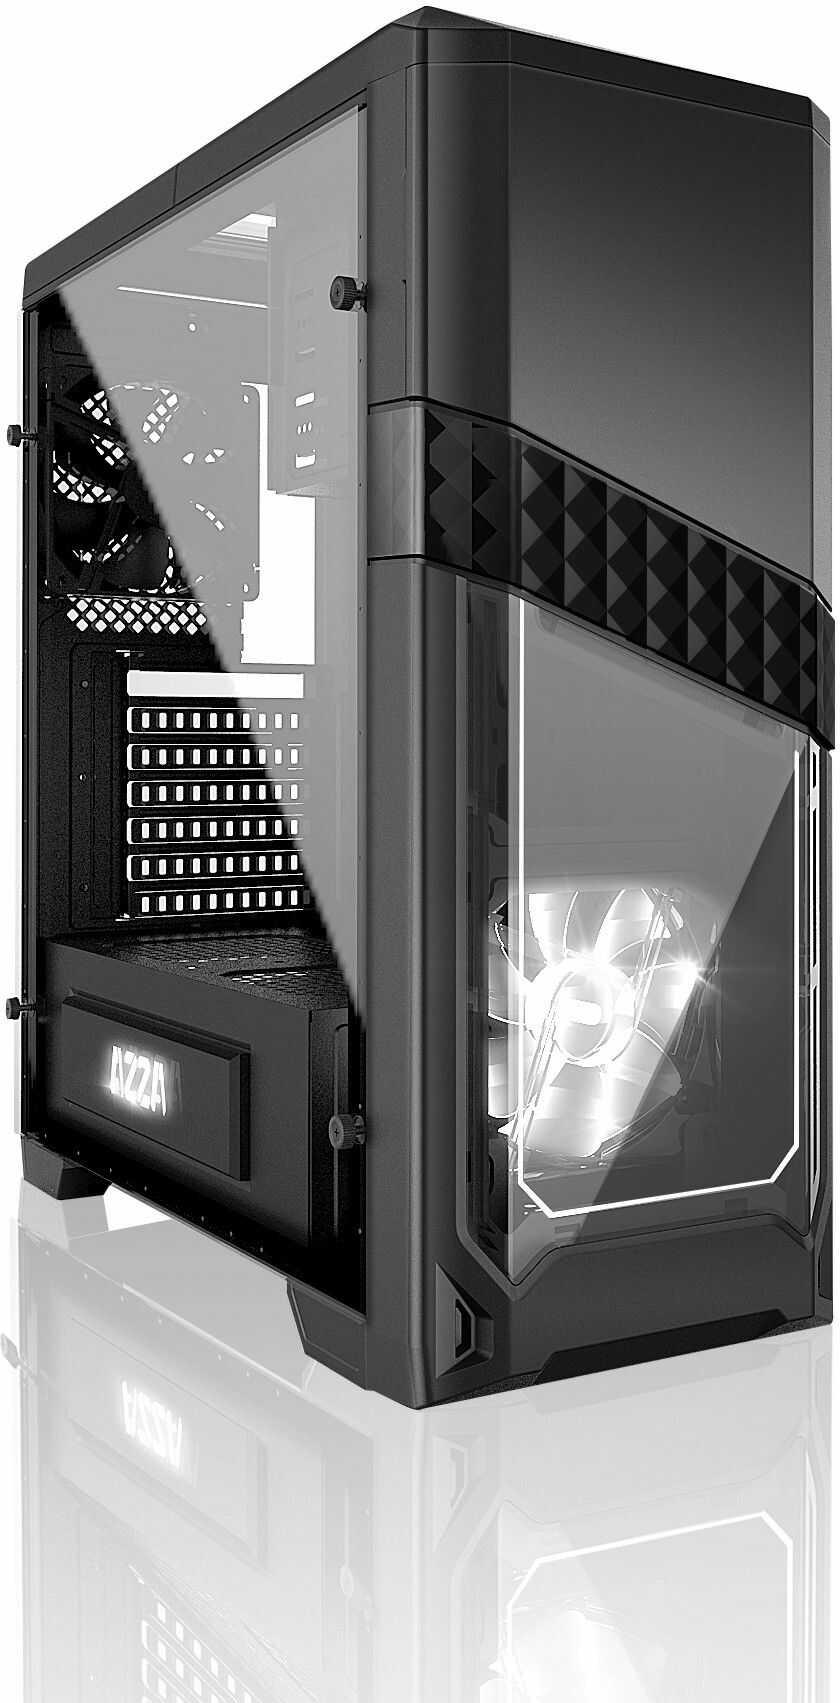 ATX AZZA TITAN 240X, 2xUSB 2.0, 2xUSB 3.0, BEZ ZASILACZA, CZARNY. WINDOW Darmowa dostawa, możliwośc zakupu na RATY . Wysyłamy pobraniowo